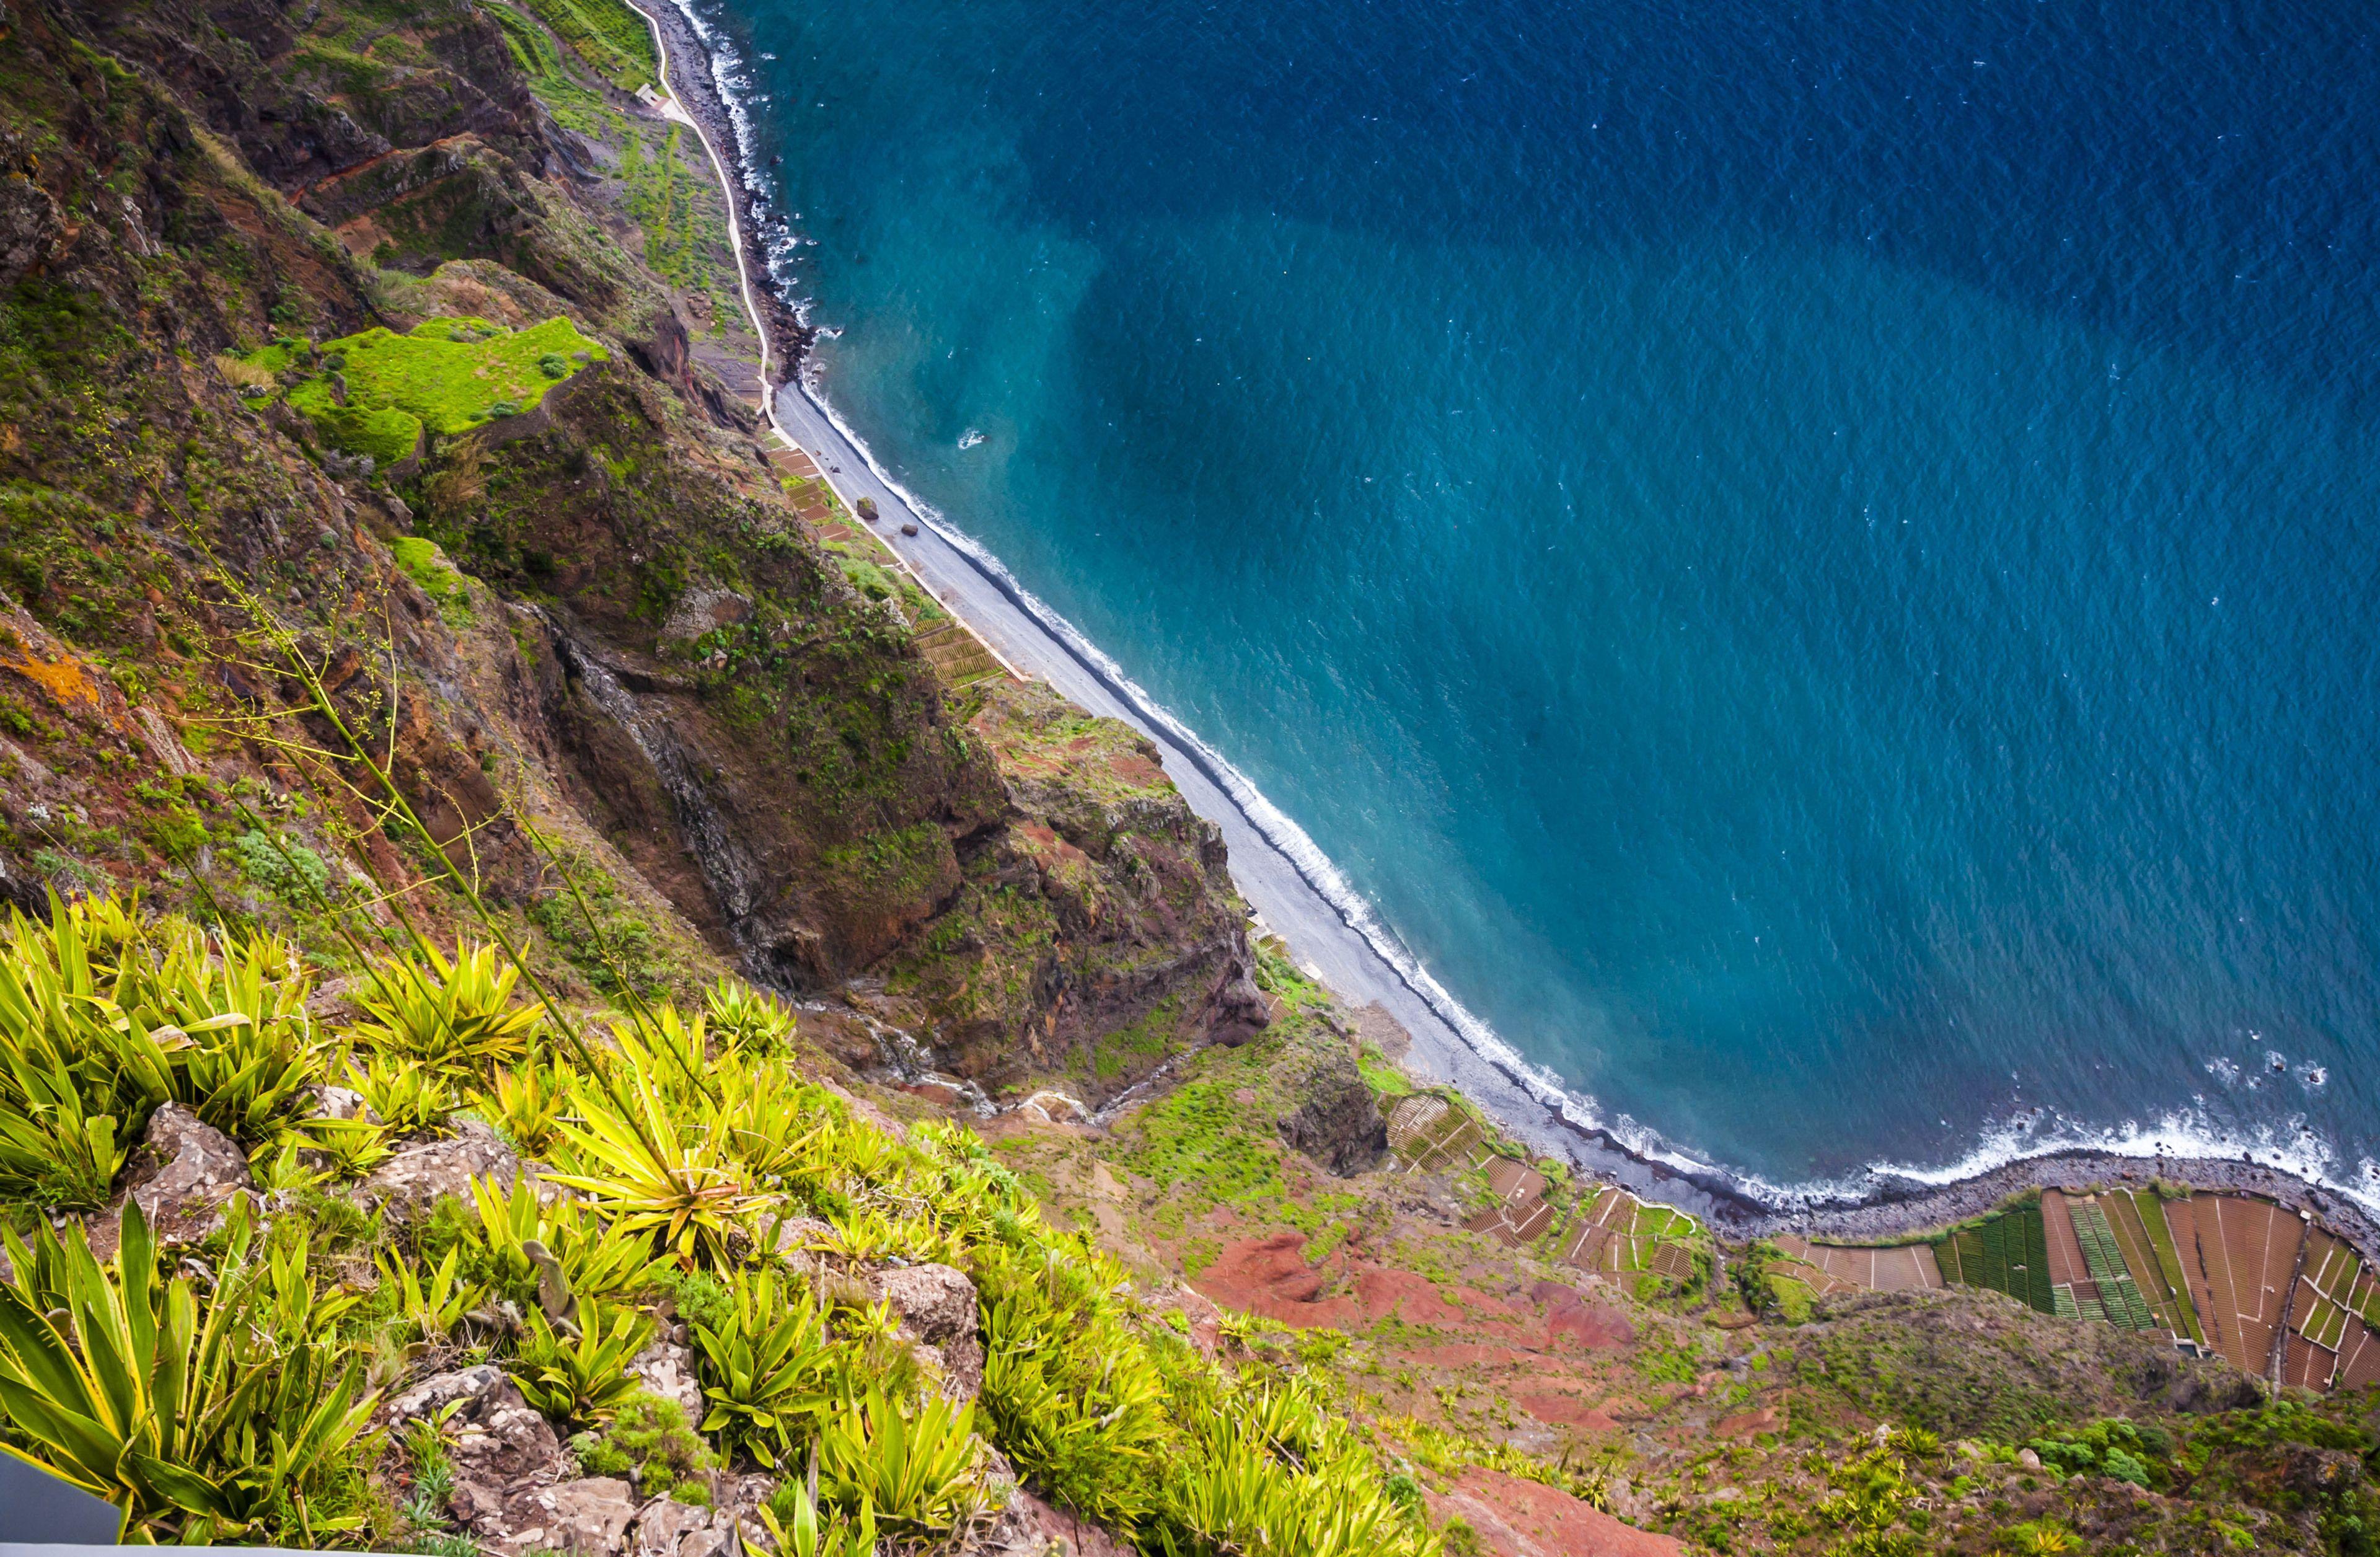 Viiden päivän hop-on hop-off -kiertoajelu Funchalissa sekä vierailu Câmara ...